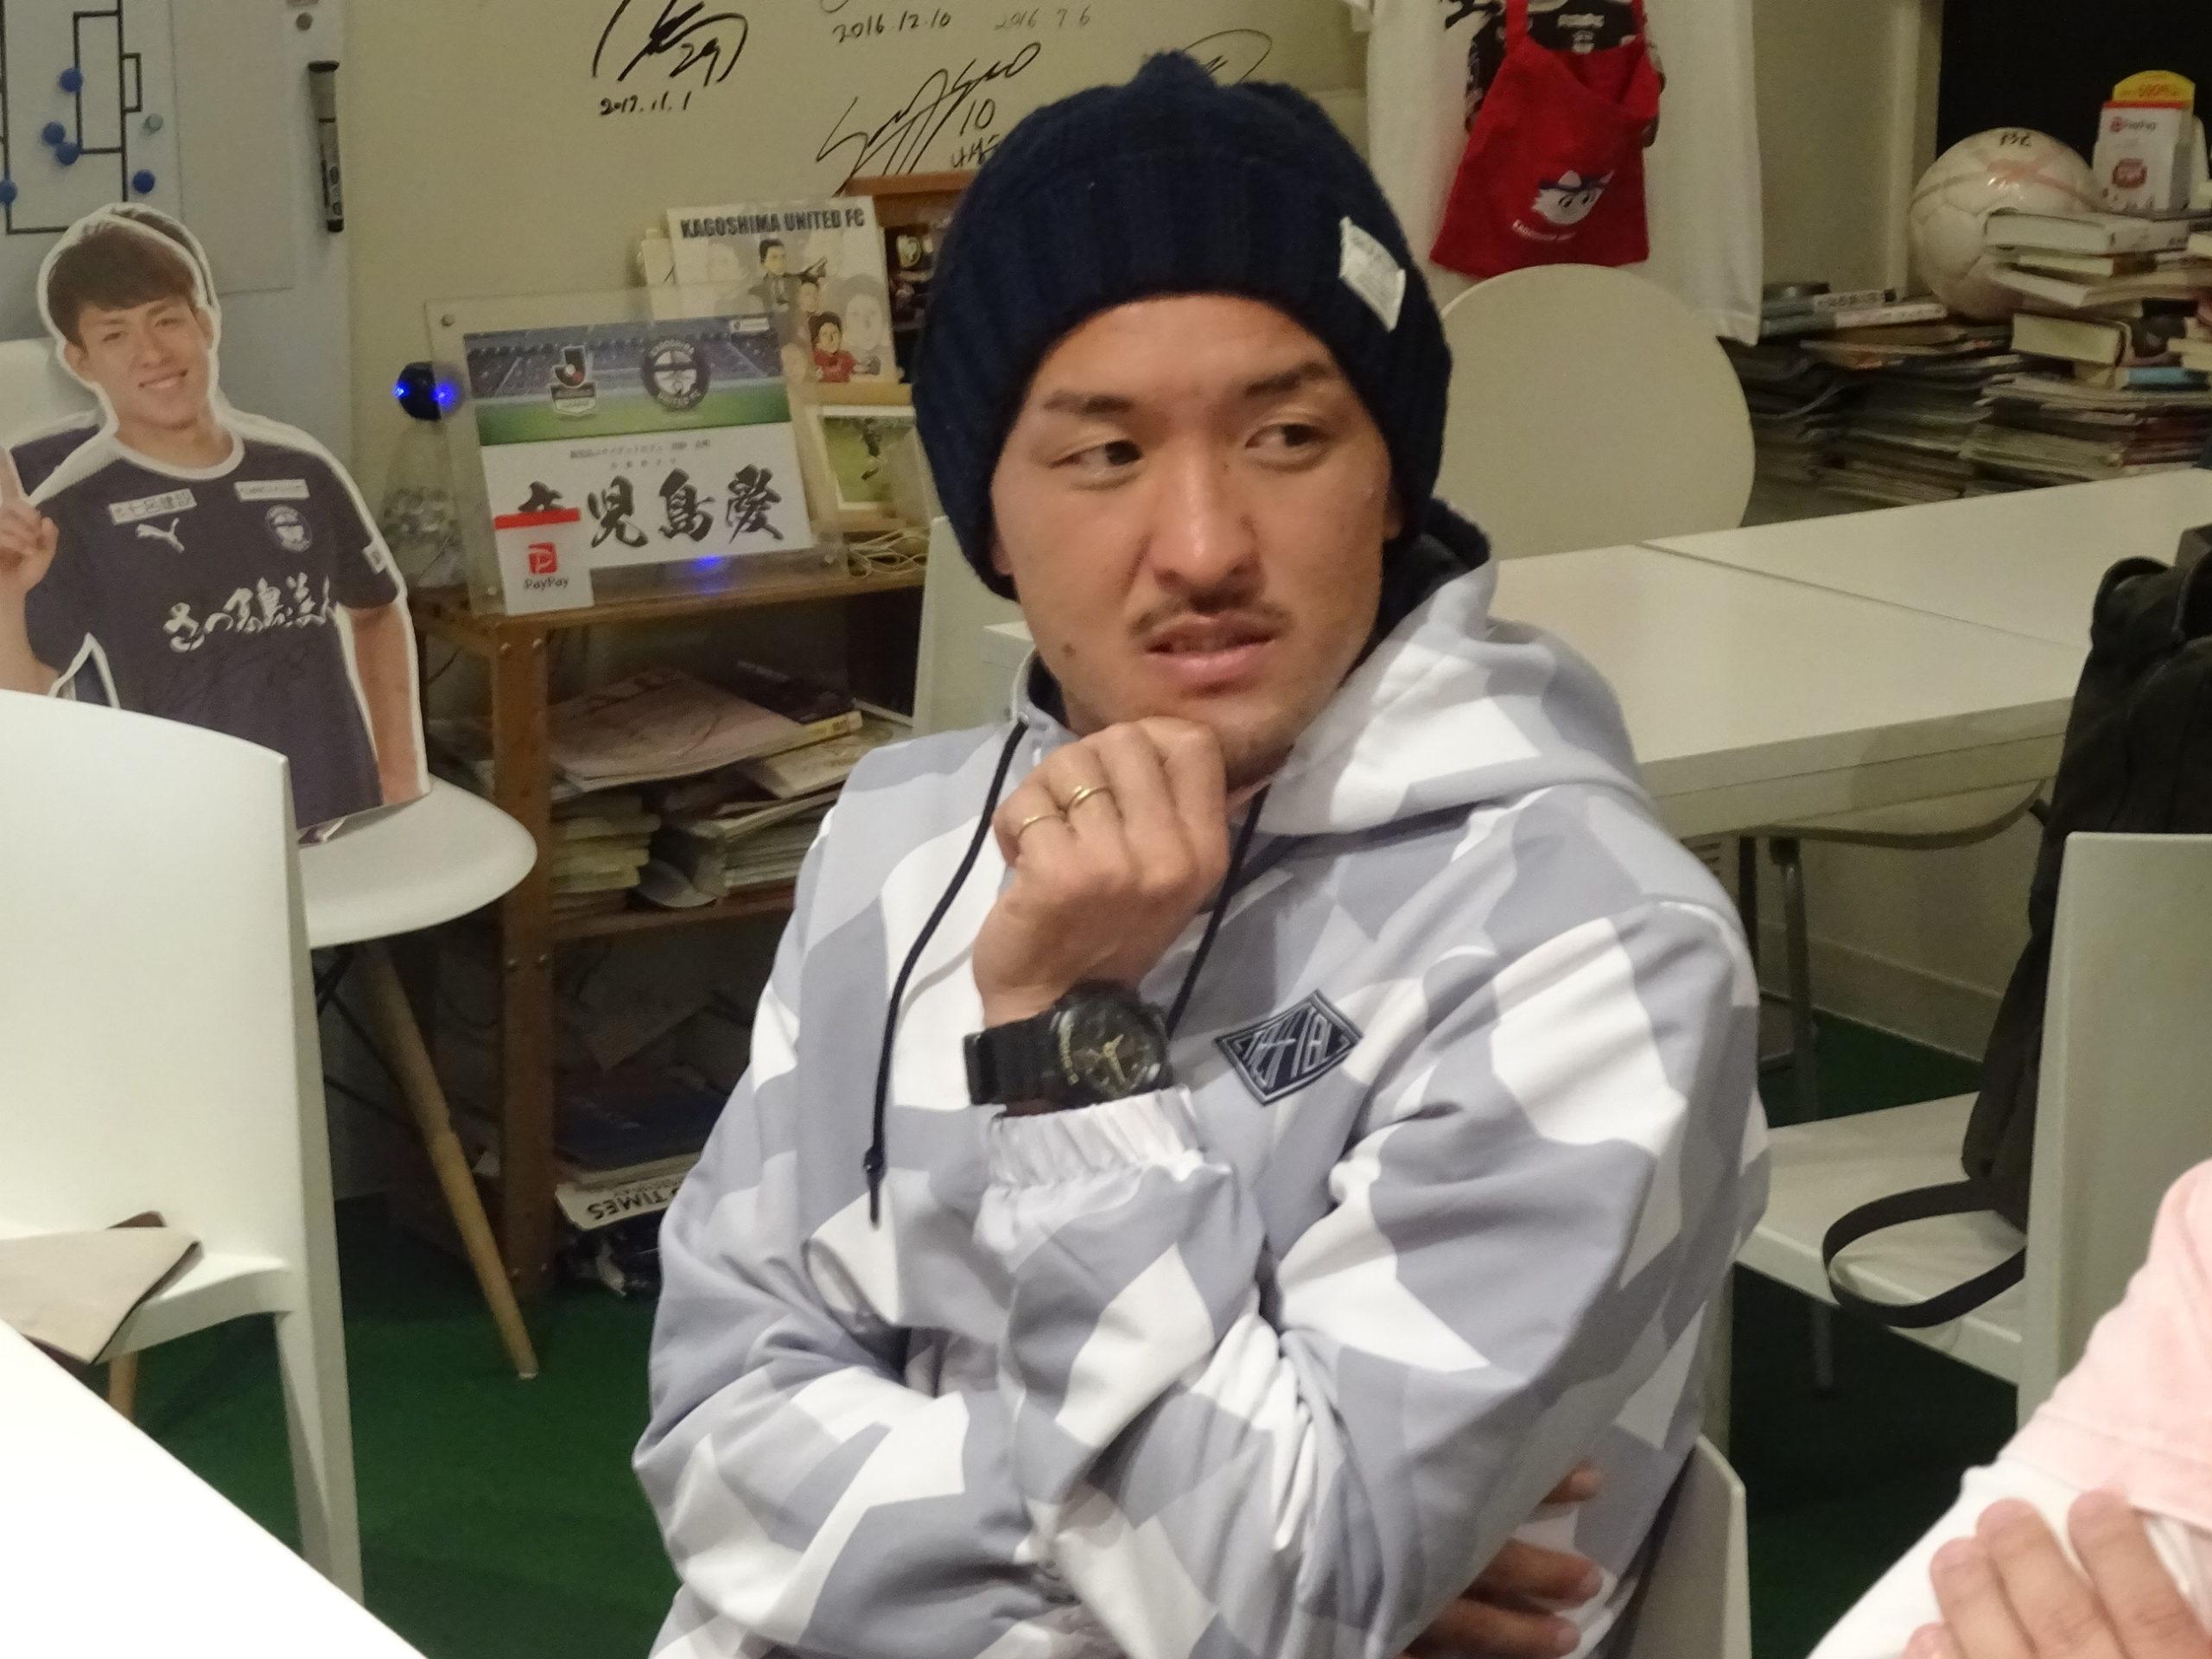 【鹿児島ユナイテッドFC】ユナカフェいったら引退した田上裕さんがいたのでいろいろ聞いてみた。【レジェンド】